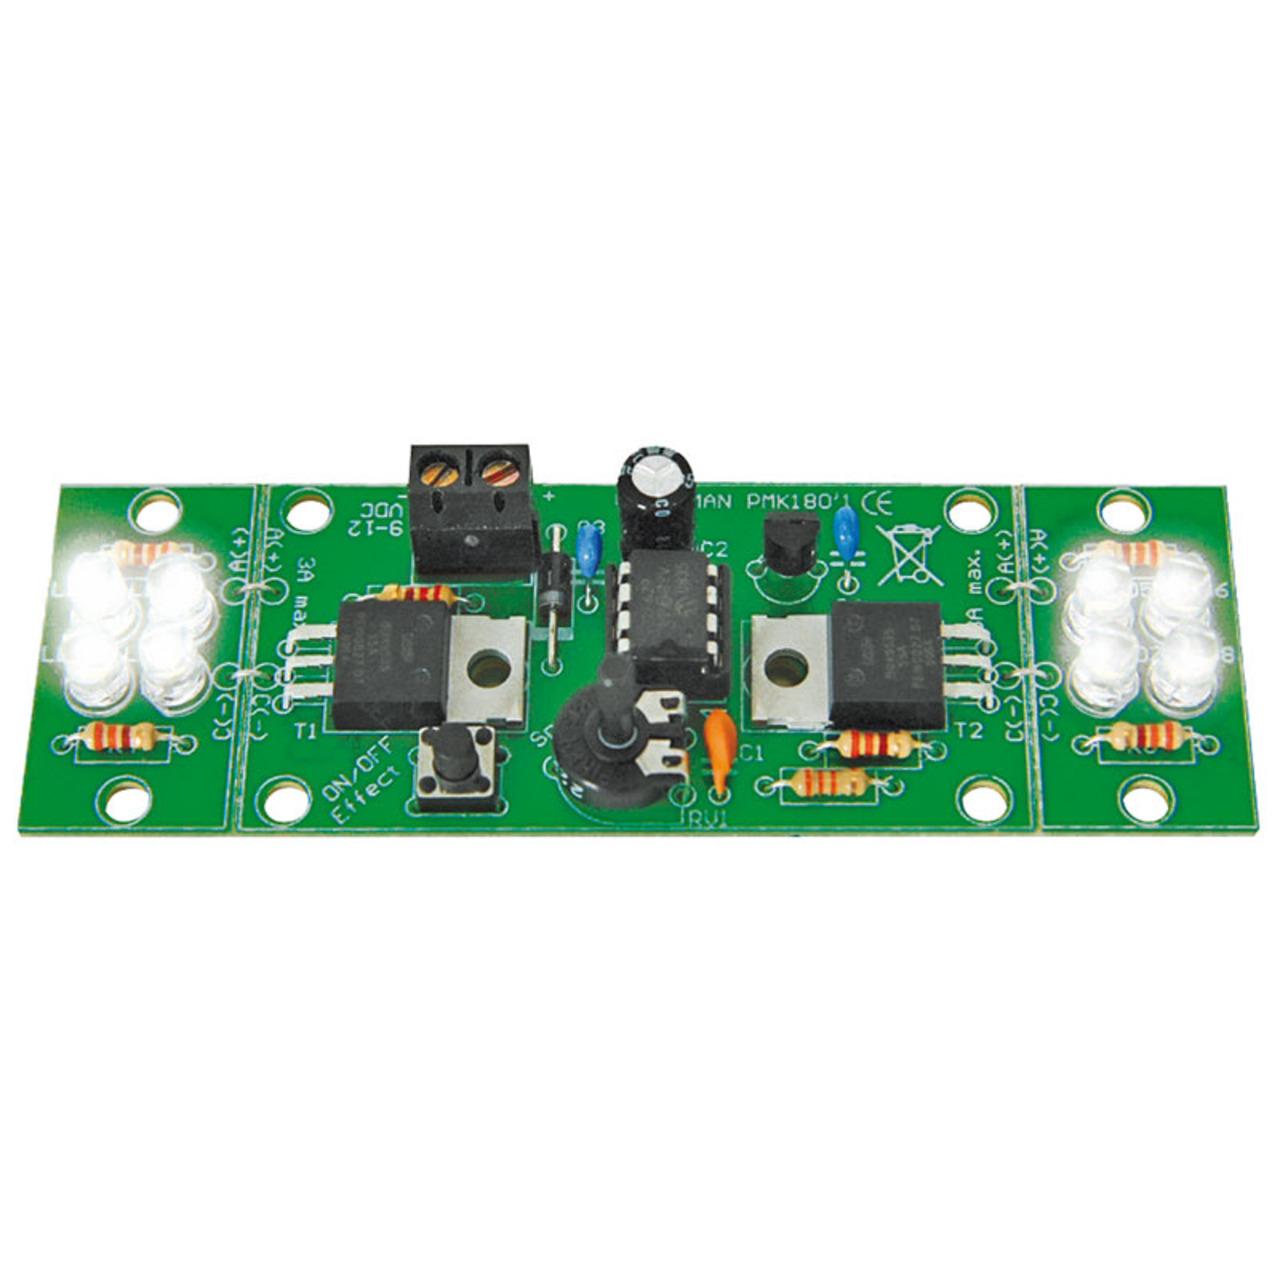 Velleman Bausatz 2-Kanal High-Power LED-Blinkleuchte MK180